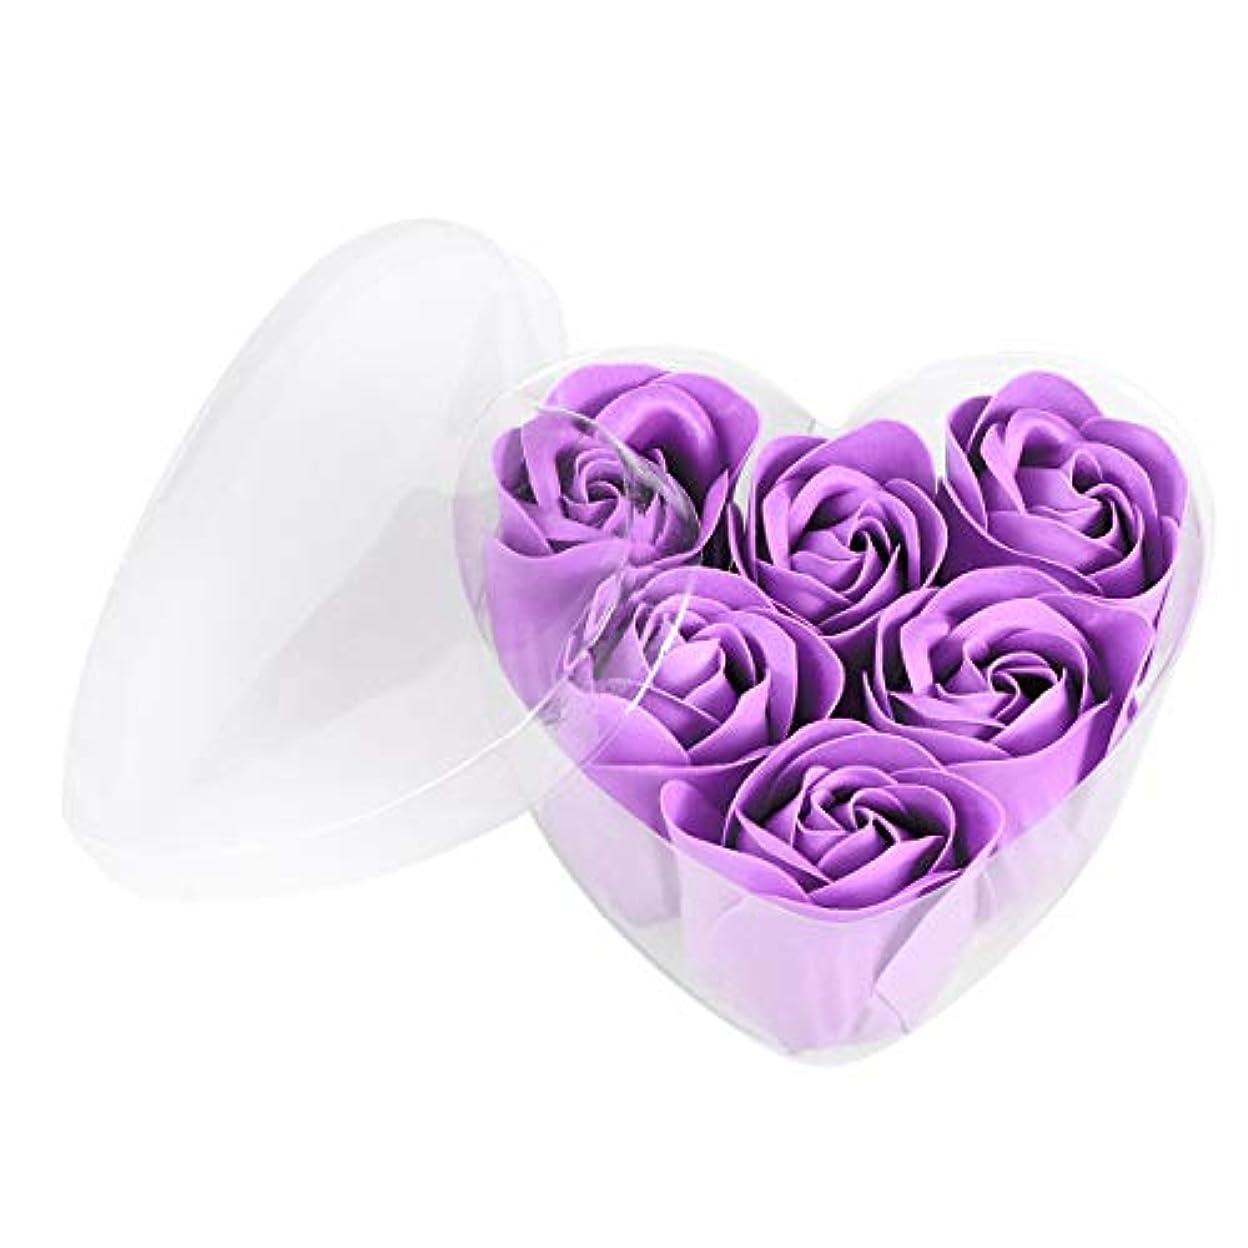 家事リーガン特殊Beaupretty 6本シミュレーションローズソープハート型フラワーソープギフトボックス結婚式の誕生日Valentin's Day(紫)